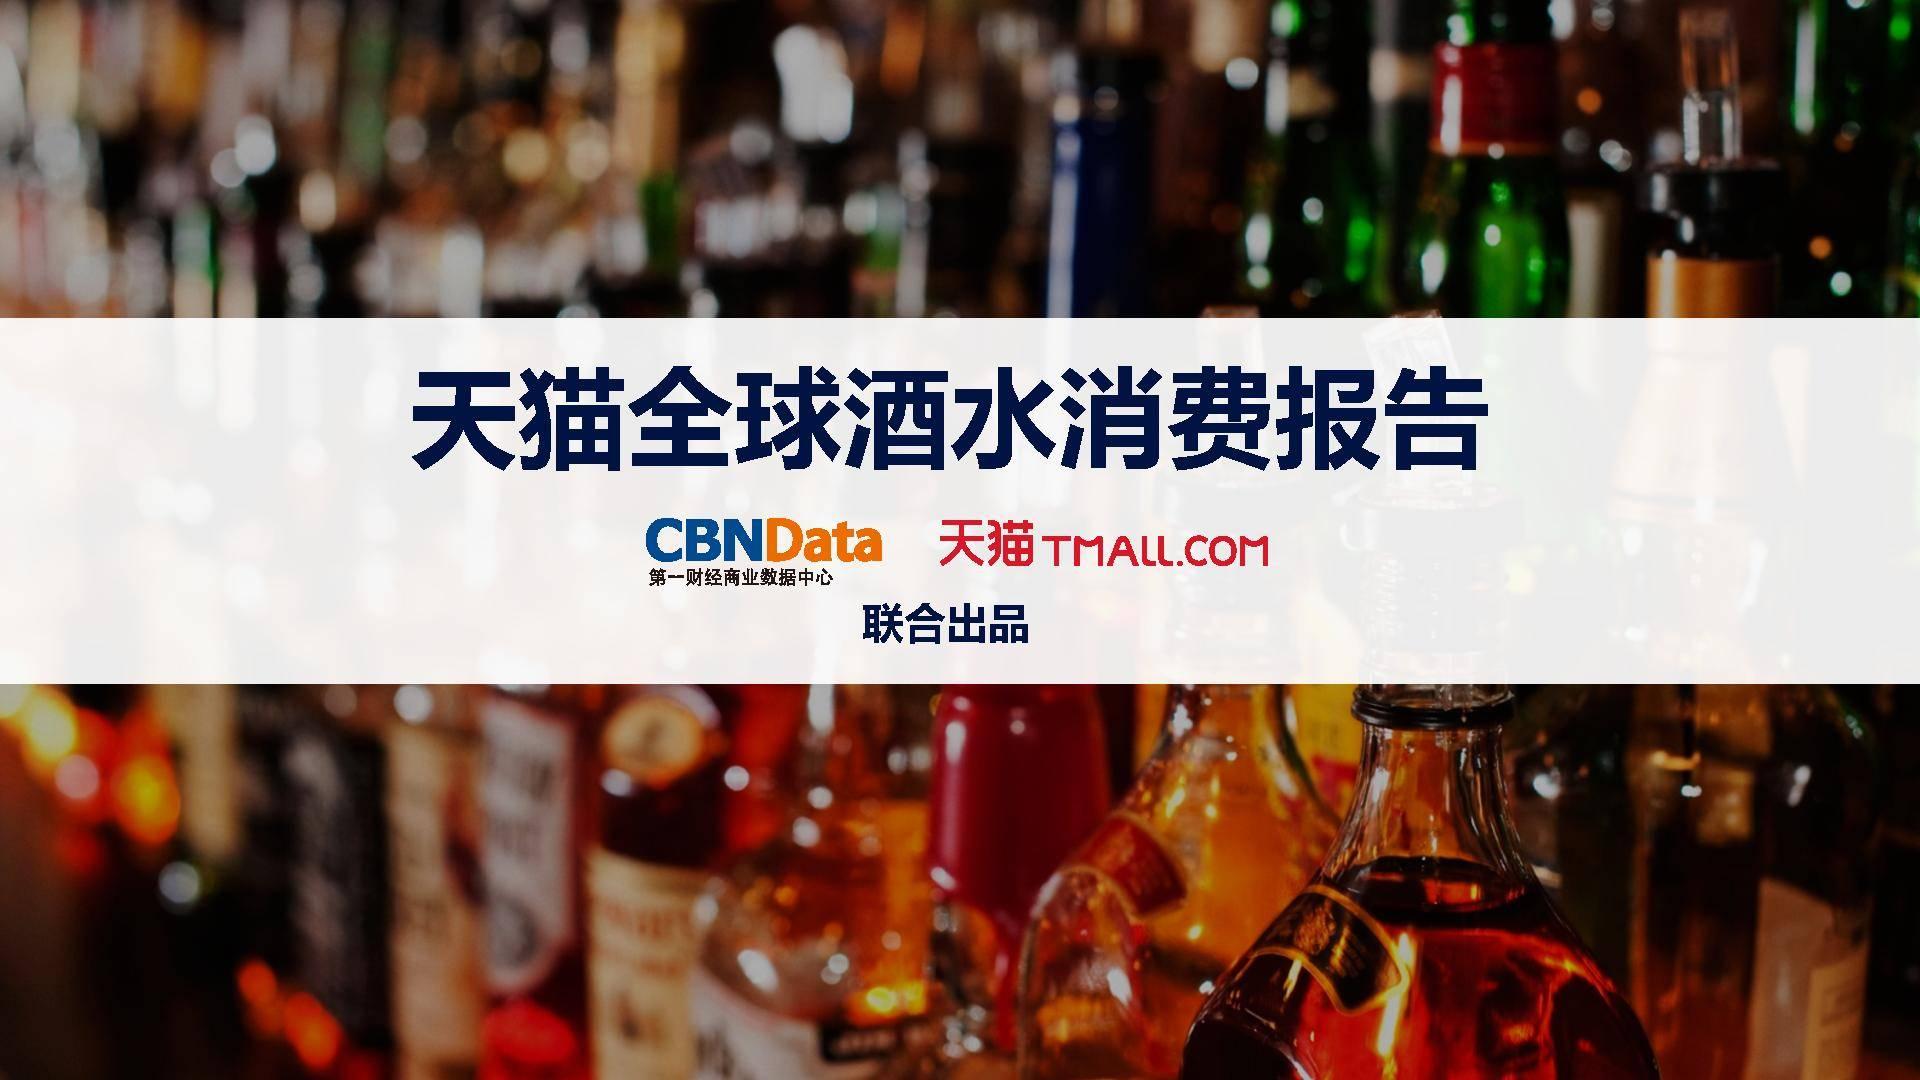 天猫全球酒水消费报告